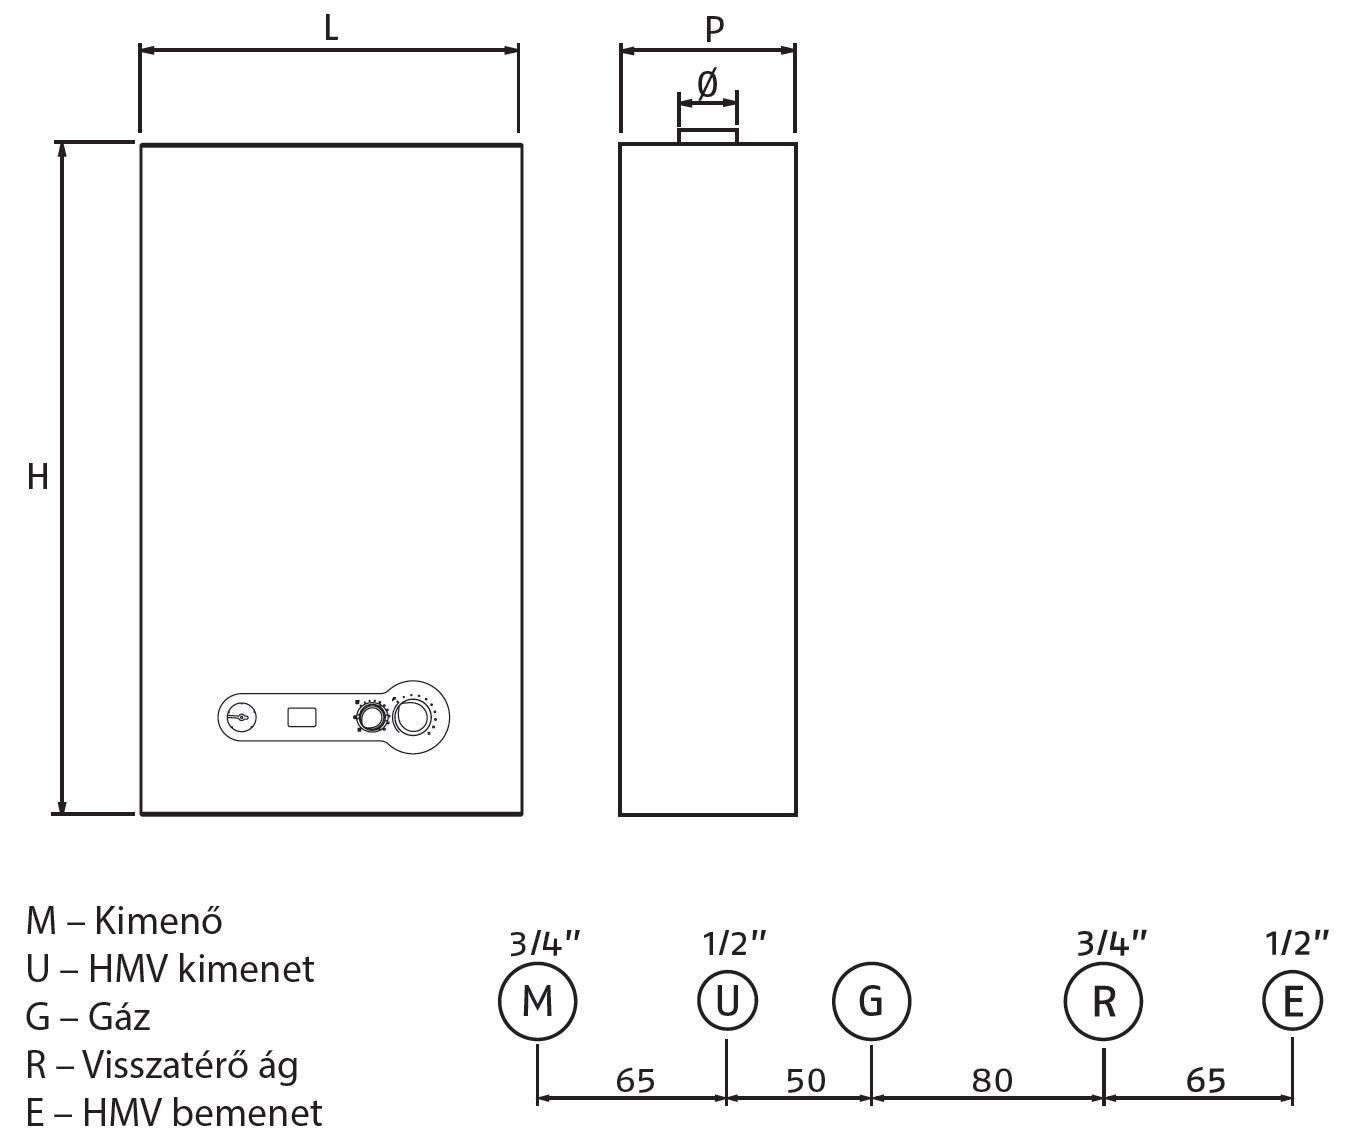 Riello Start 24 KI LN Fali kéményes kombi gázkazán 24 kW műszaki ábra